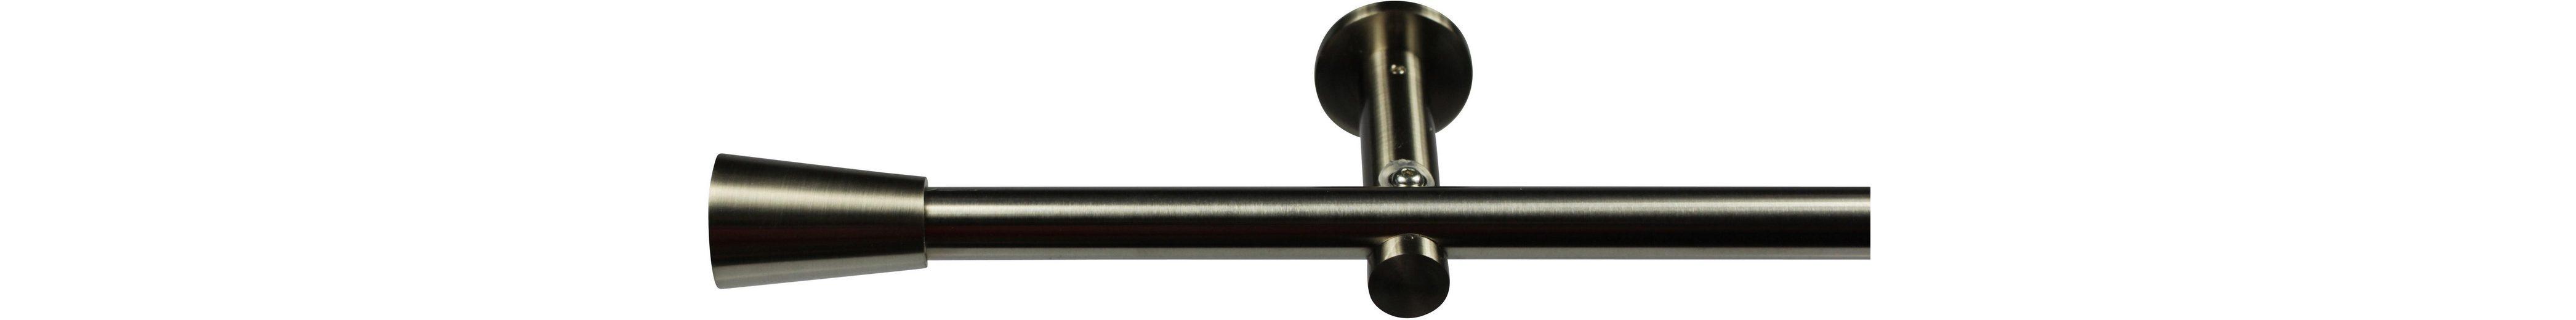 Gardinenstange 16 mm Cony, ohne Ringe, nach Maß